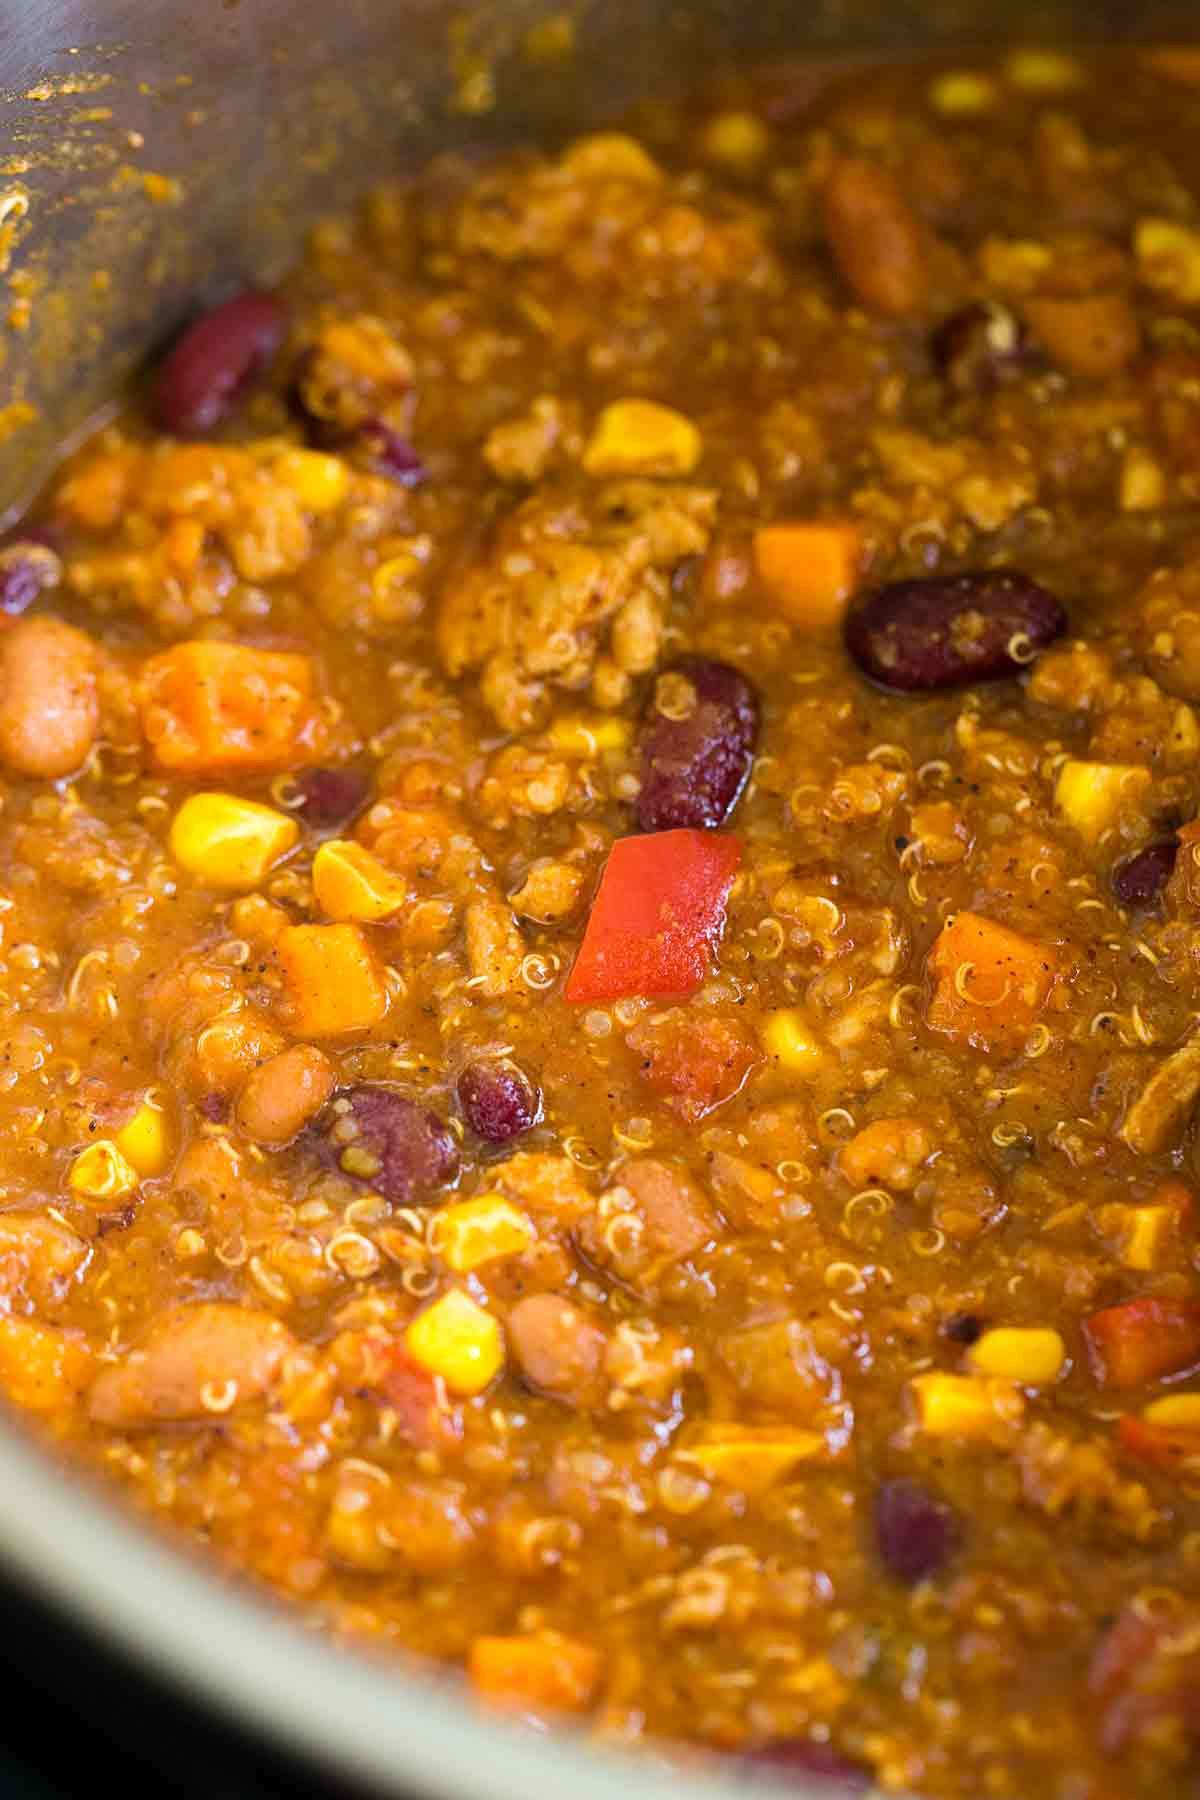 Instant Pot Turkey Chili  Instant Pot Turkey Chili with Quinoa Jessica Gavin